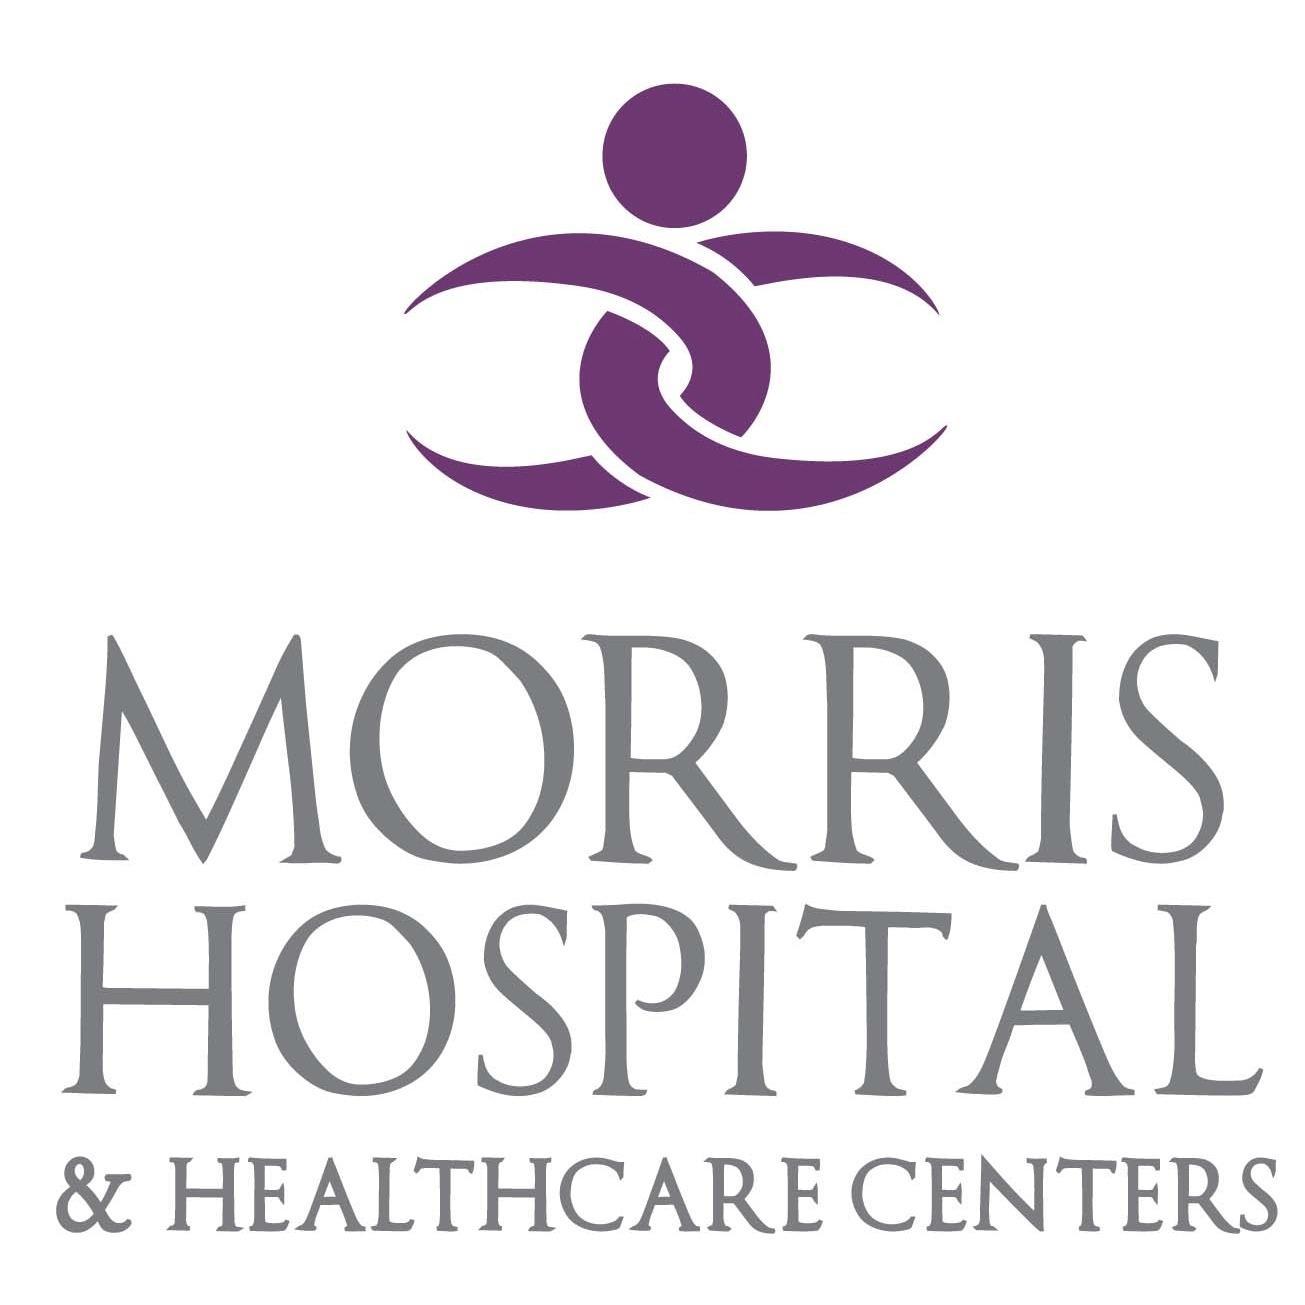 Marseilles Healthcare Center of Morris Hospital